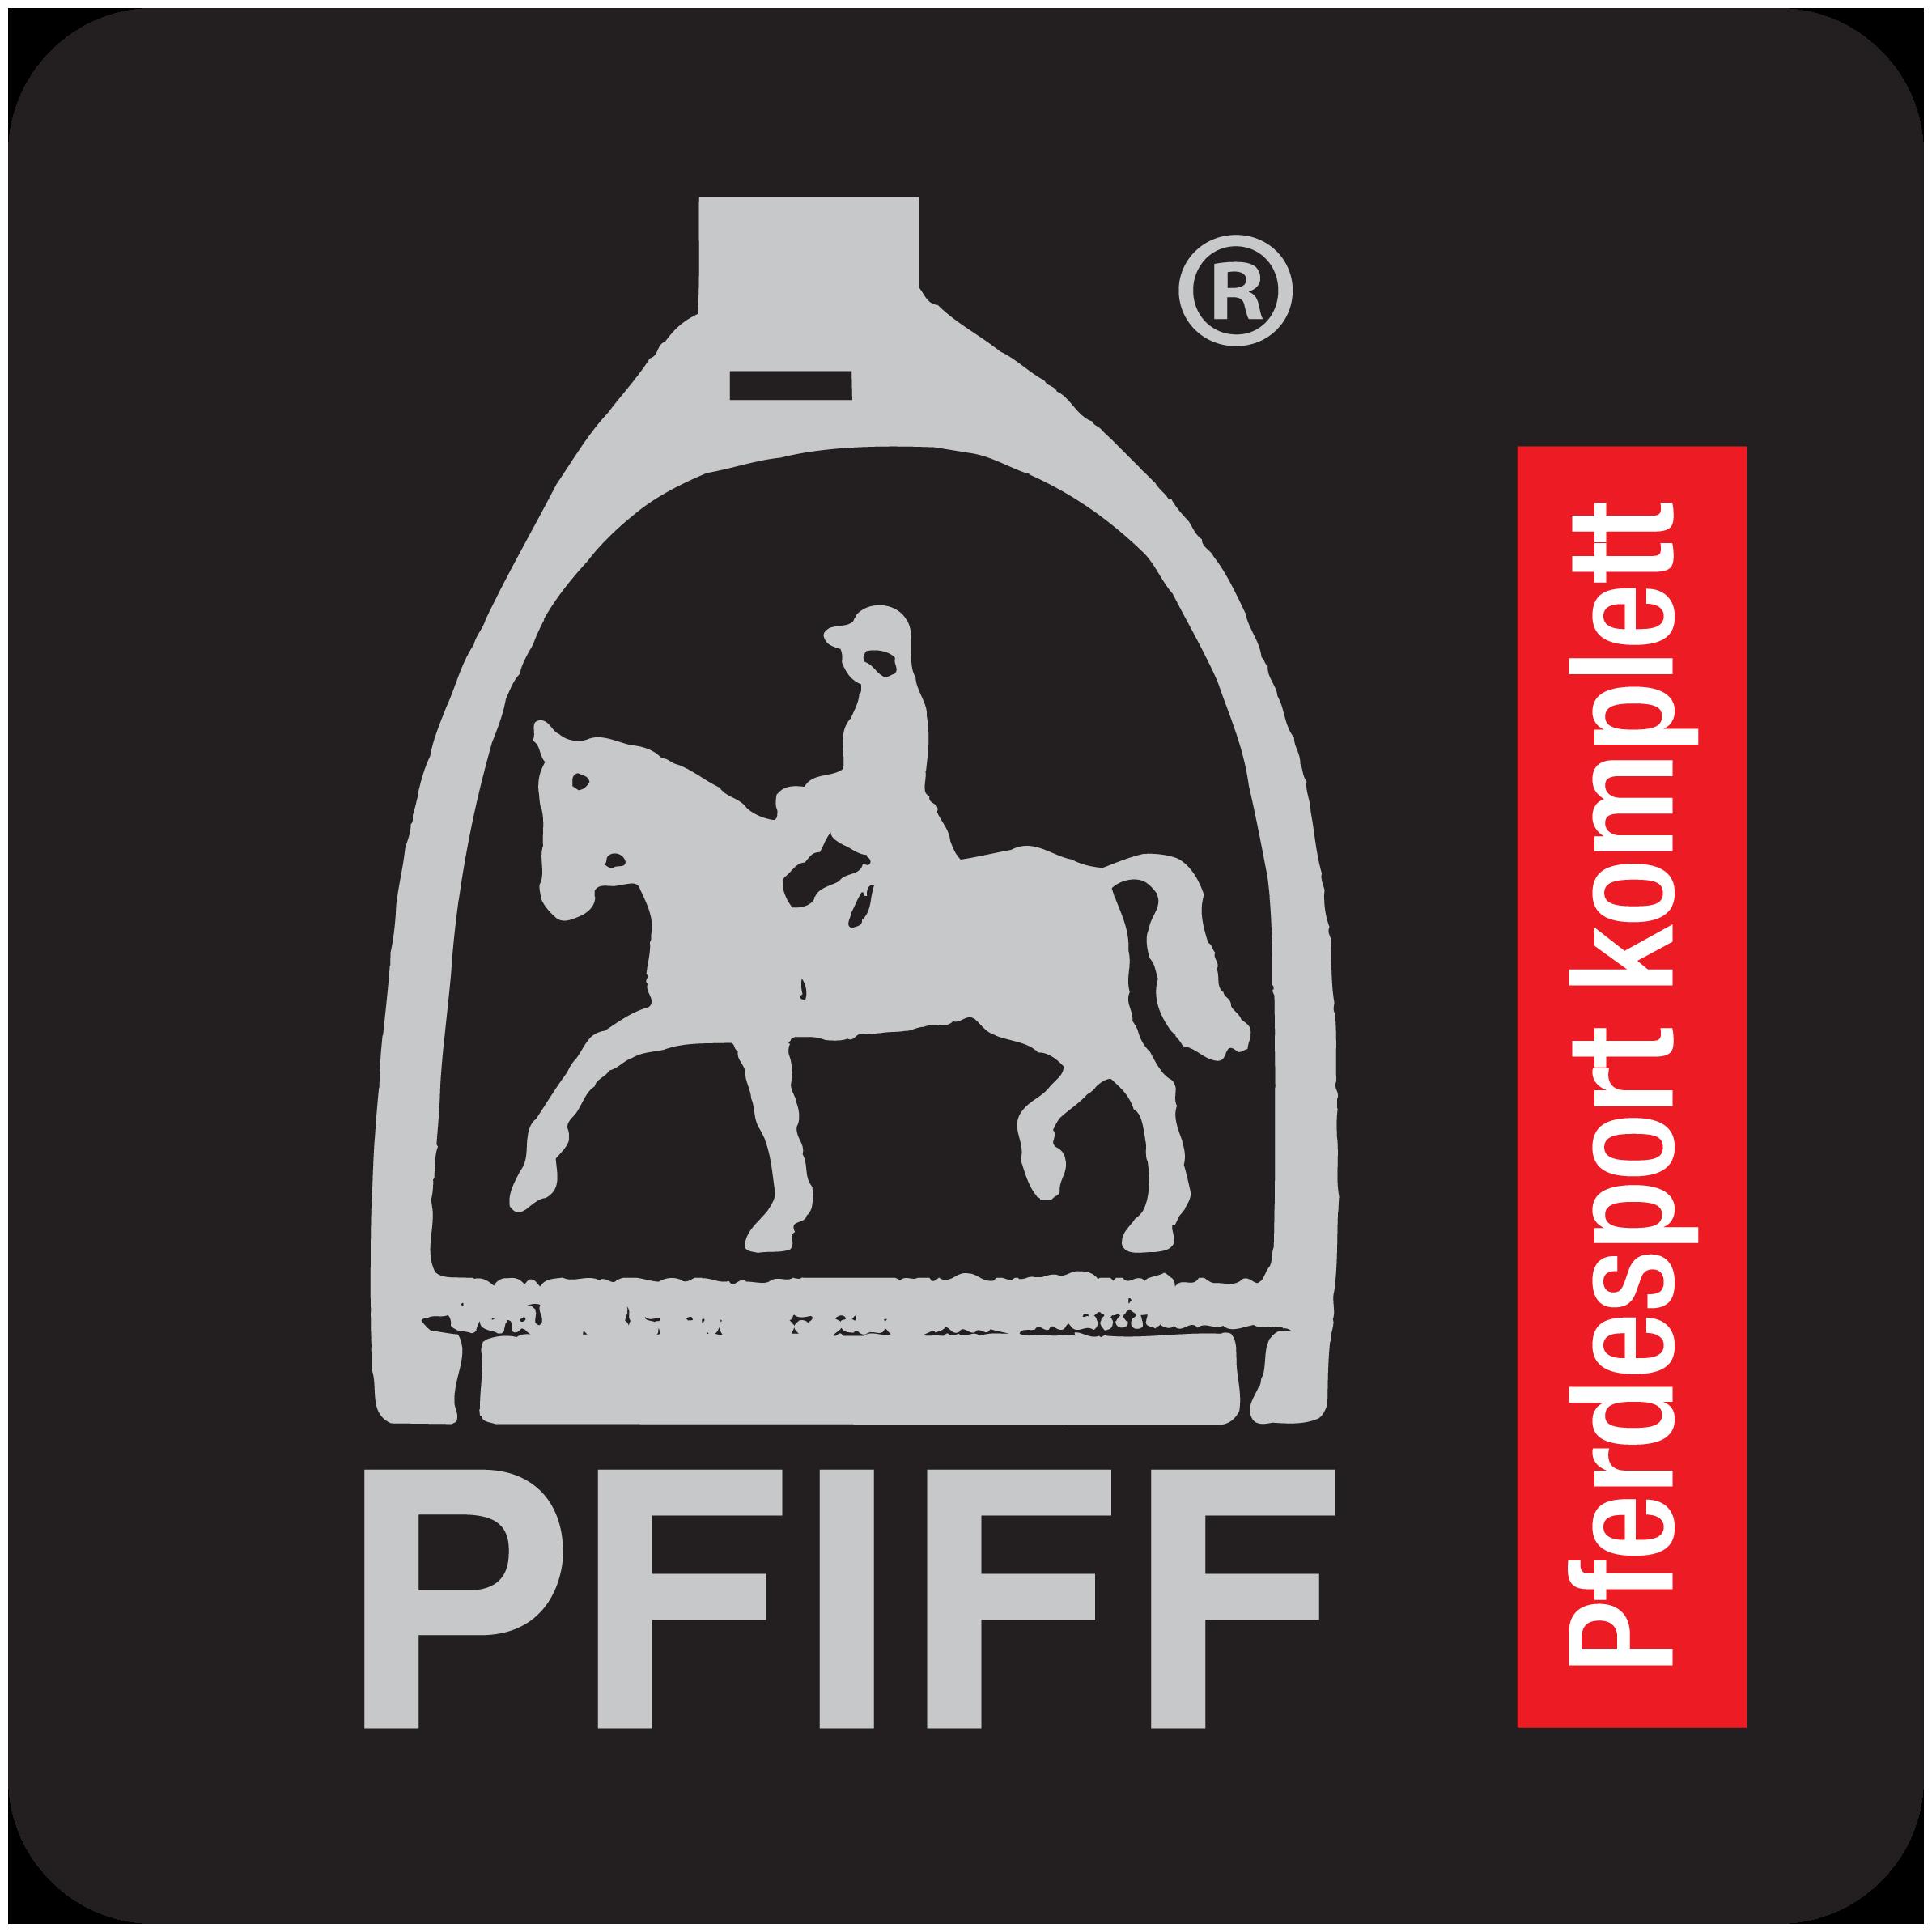 Bildergebnis für pfiff logo